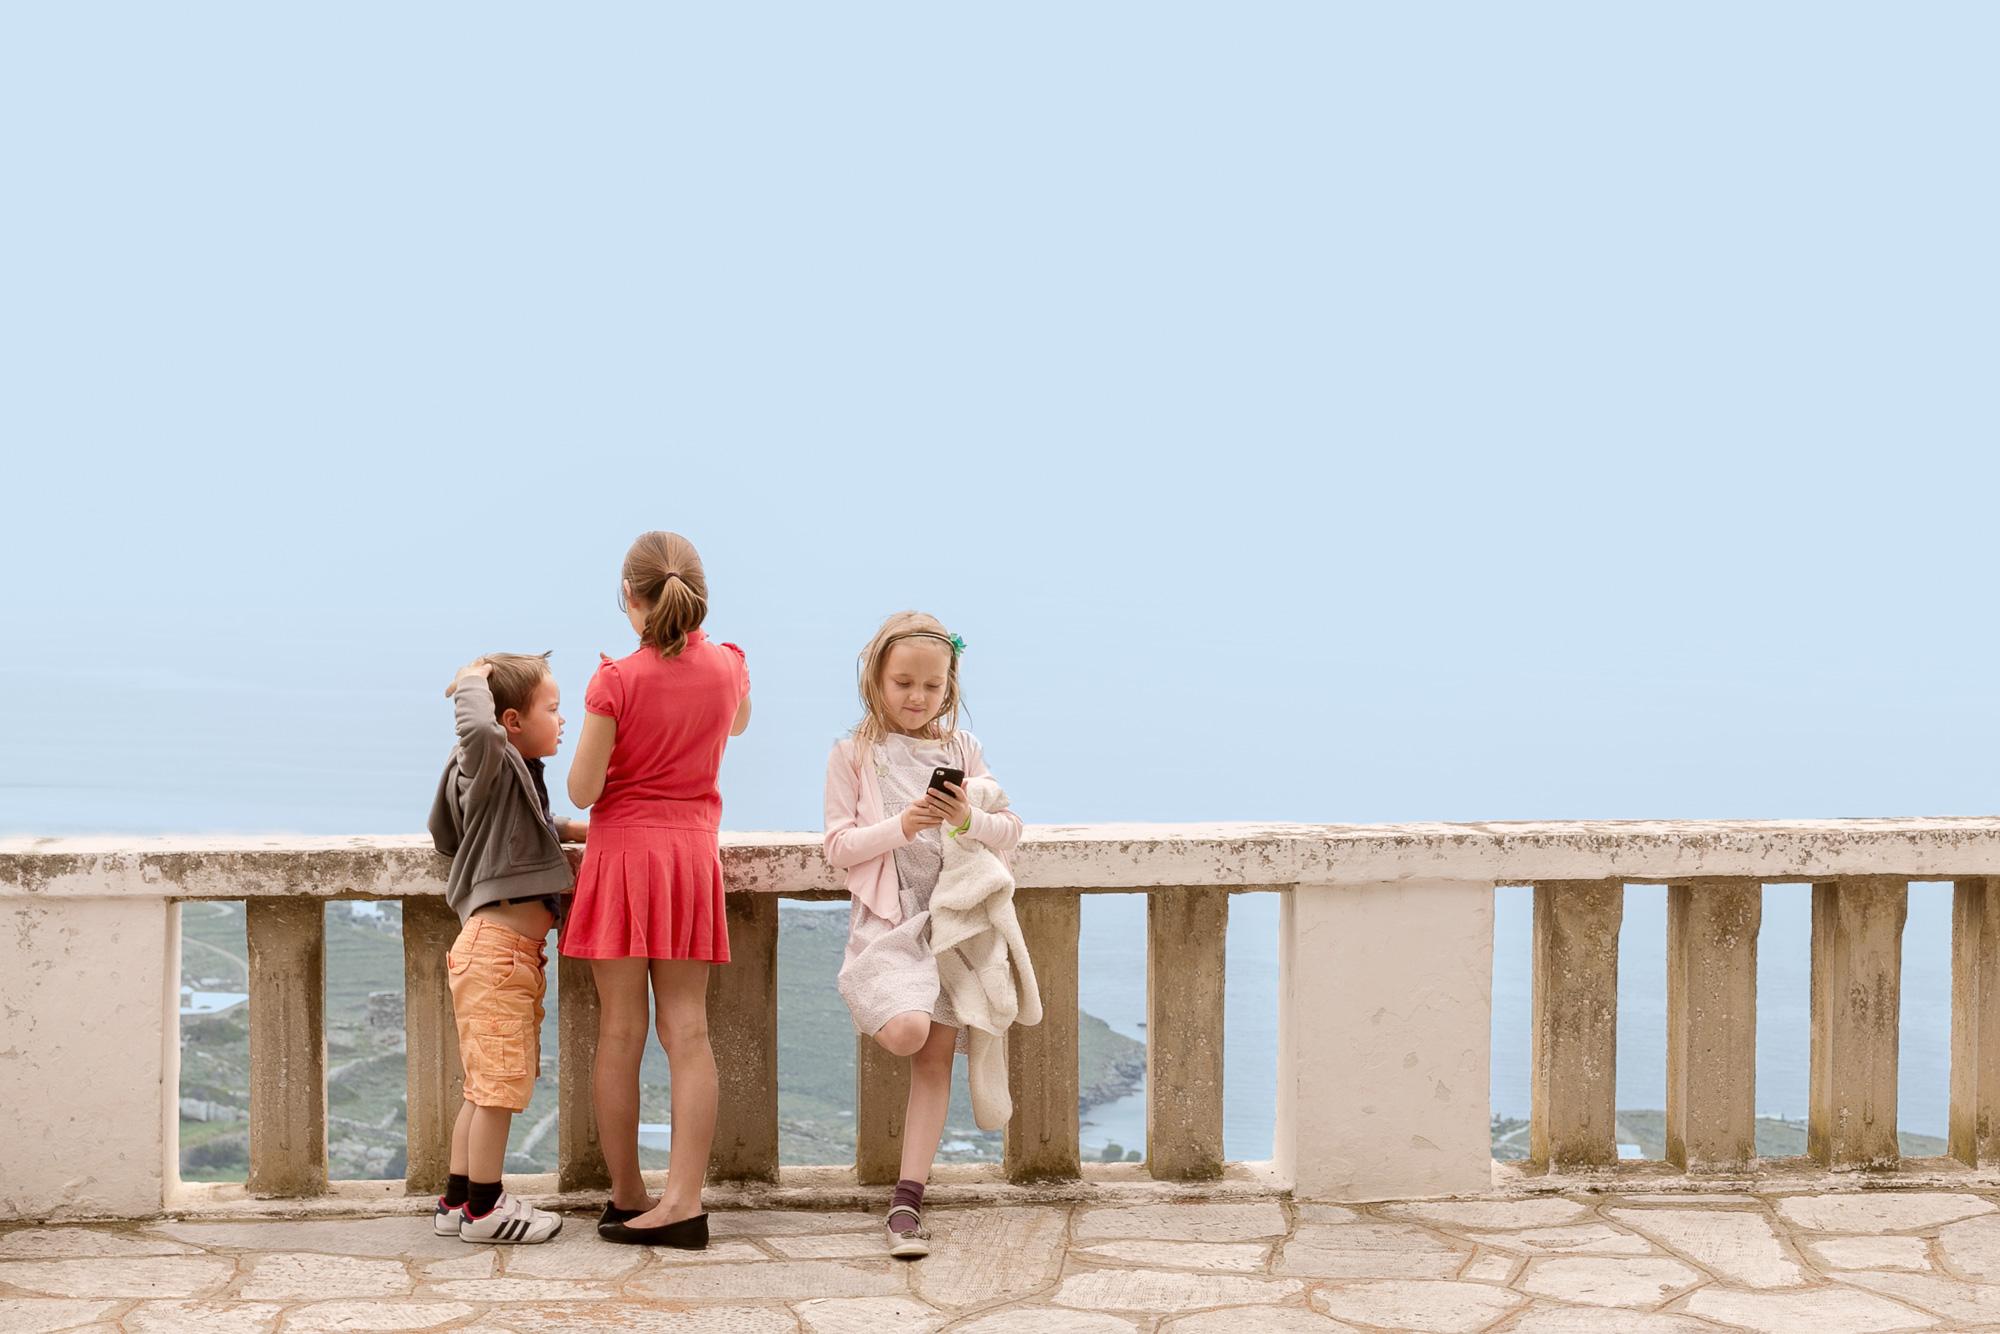 Τρια μικρά παιδιά παίζουν σε πλατεία της Τήνου.